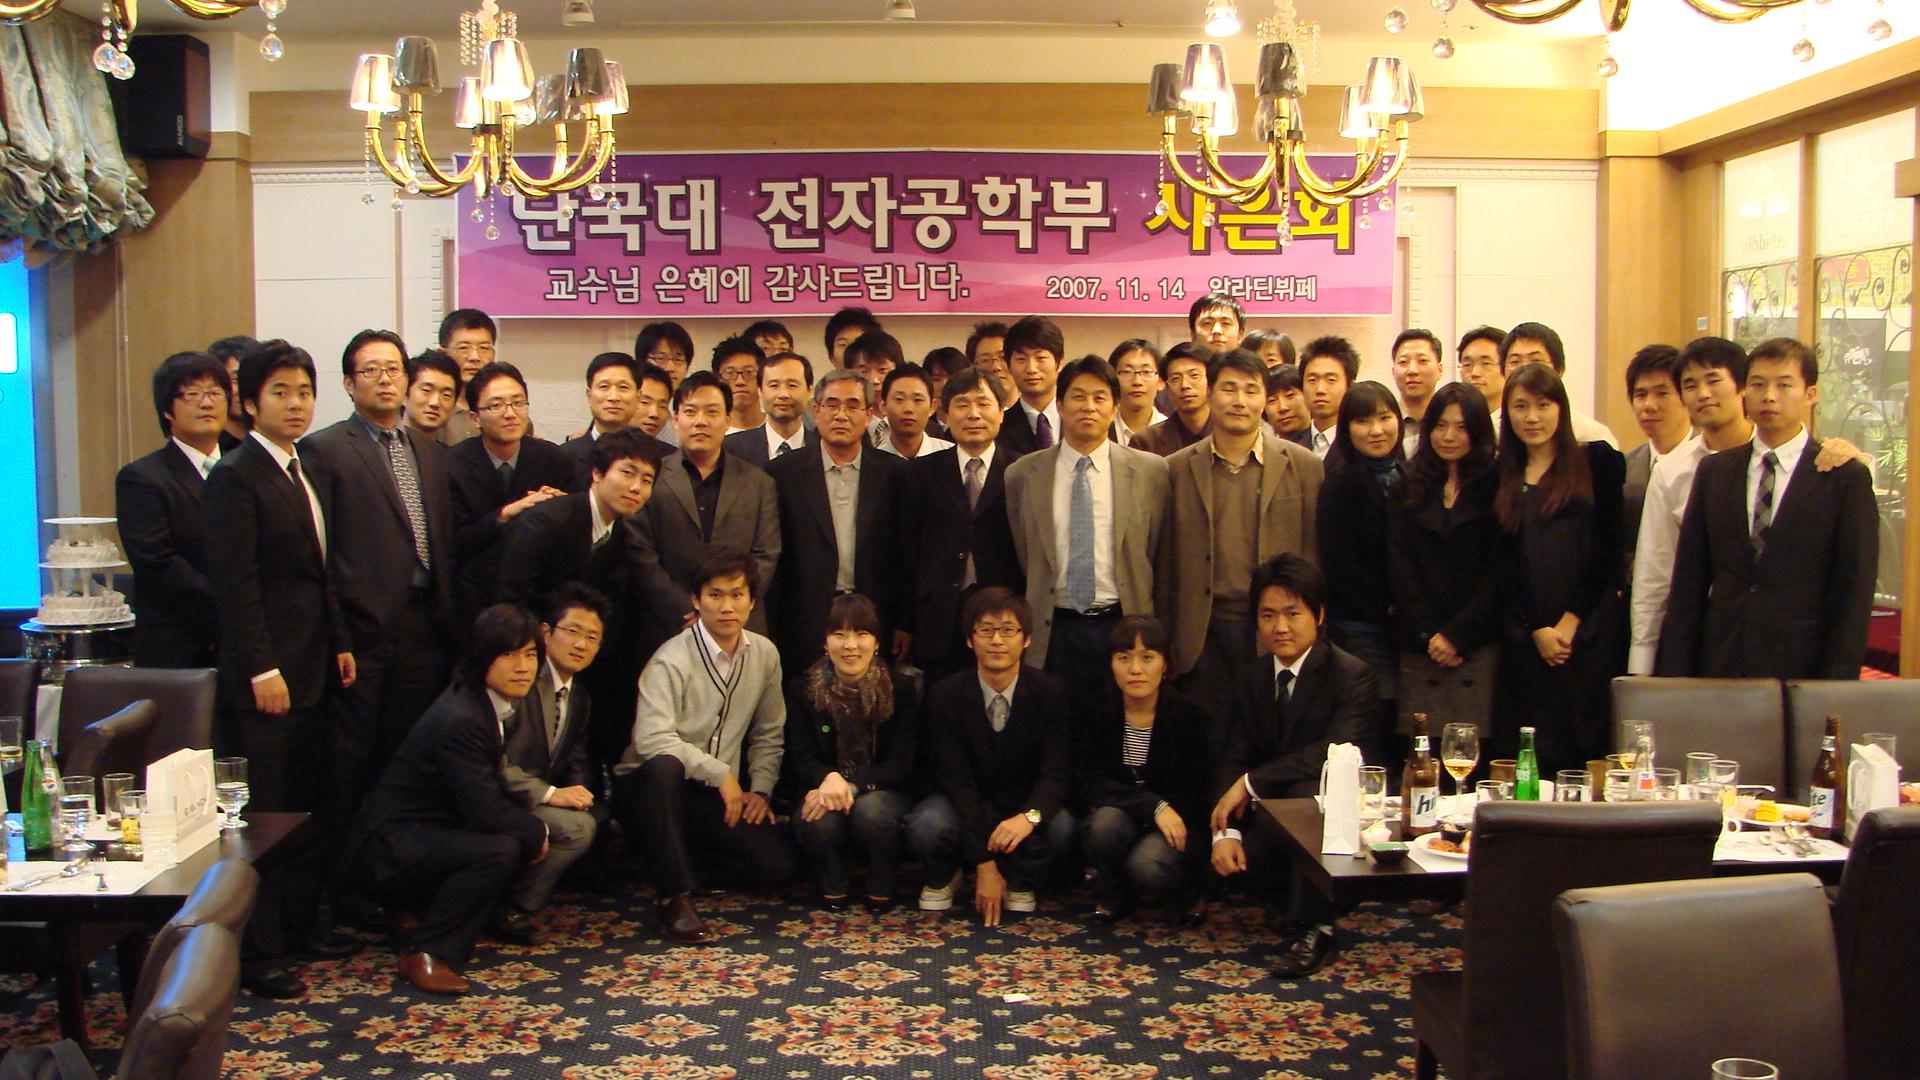 20071114사은회외